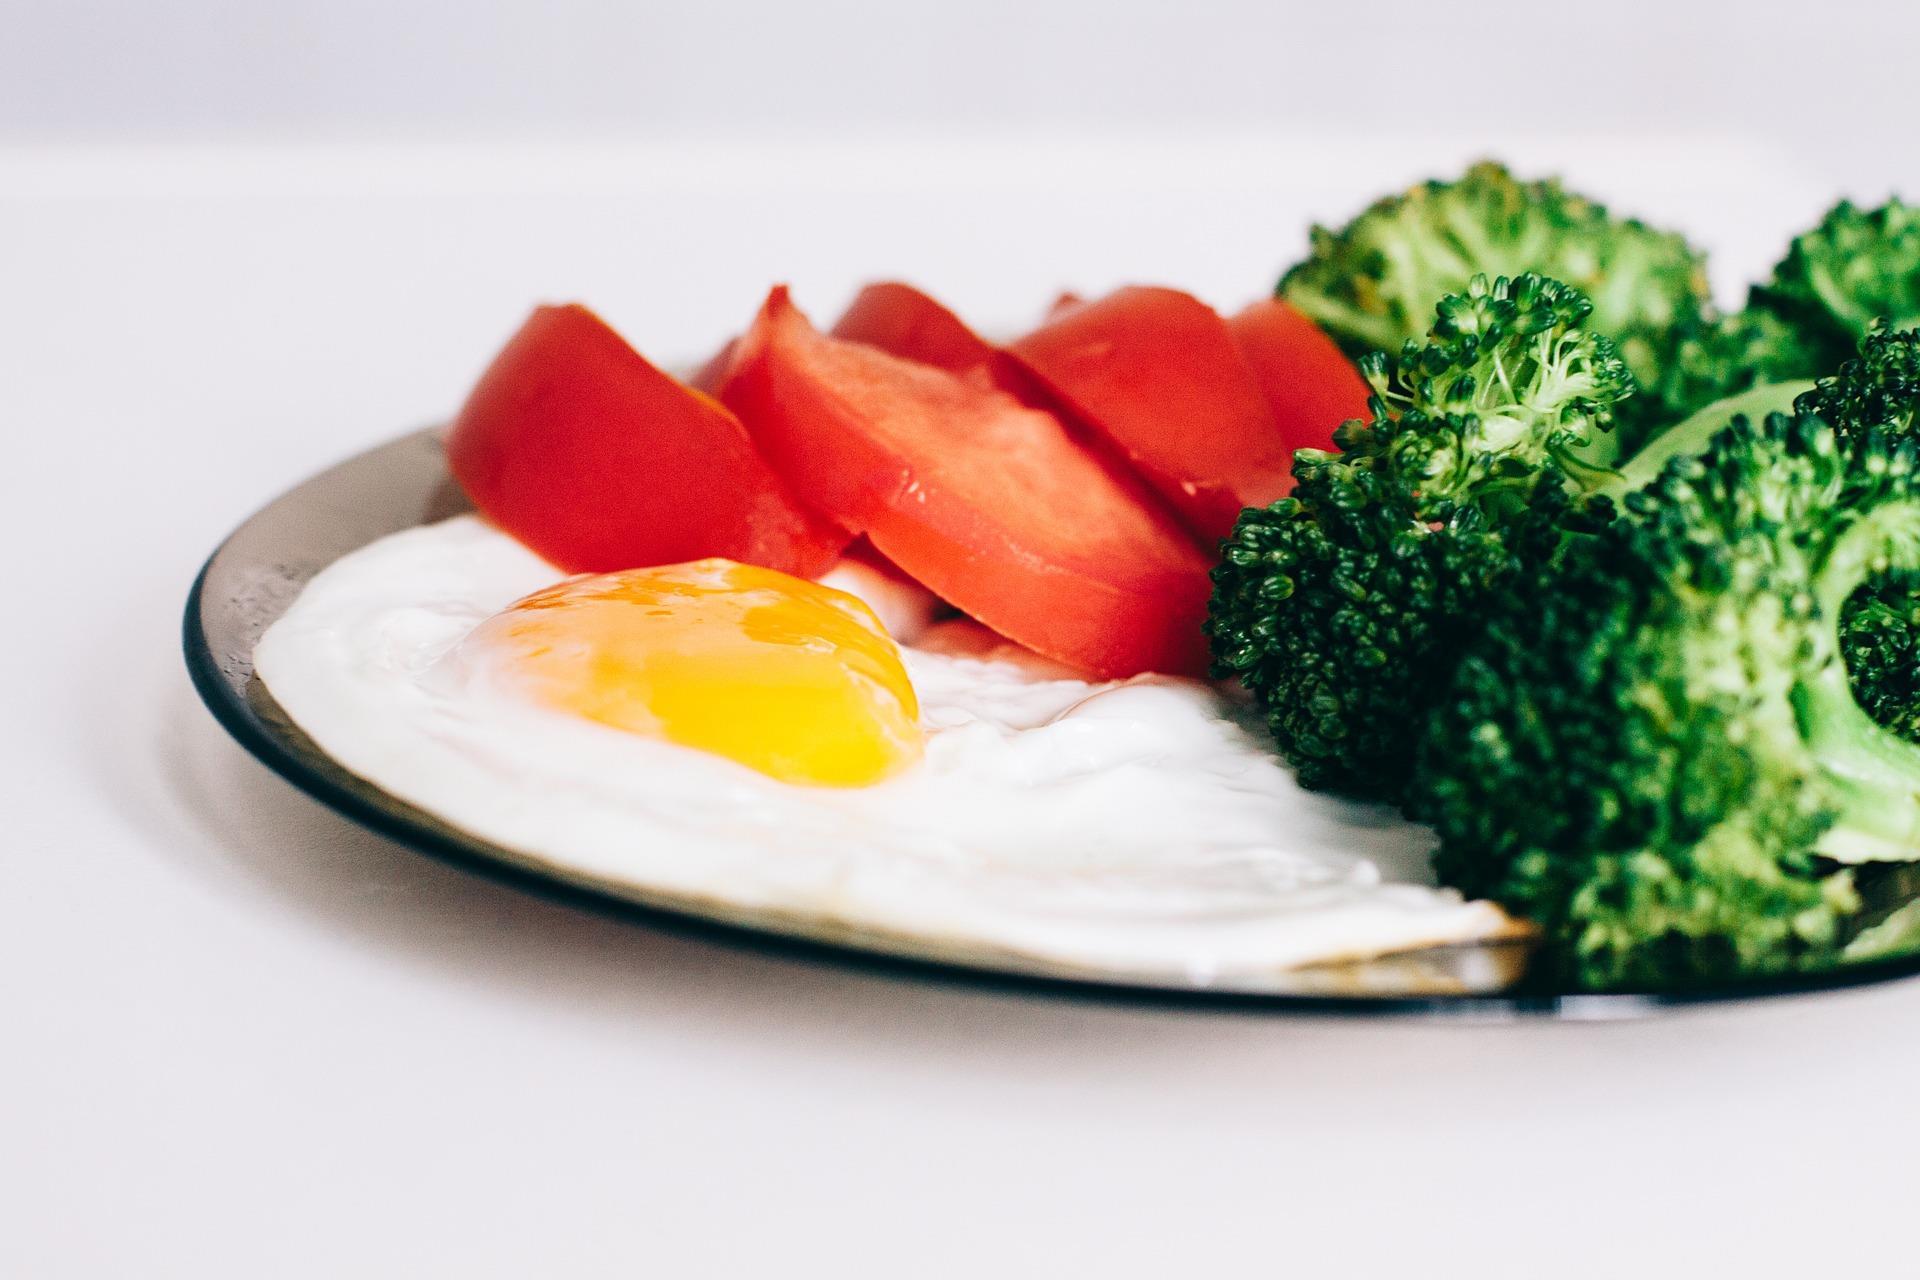 Piatto con uova e verdura per Dieta Dukan